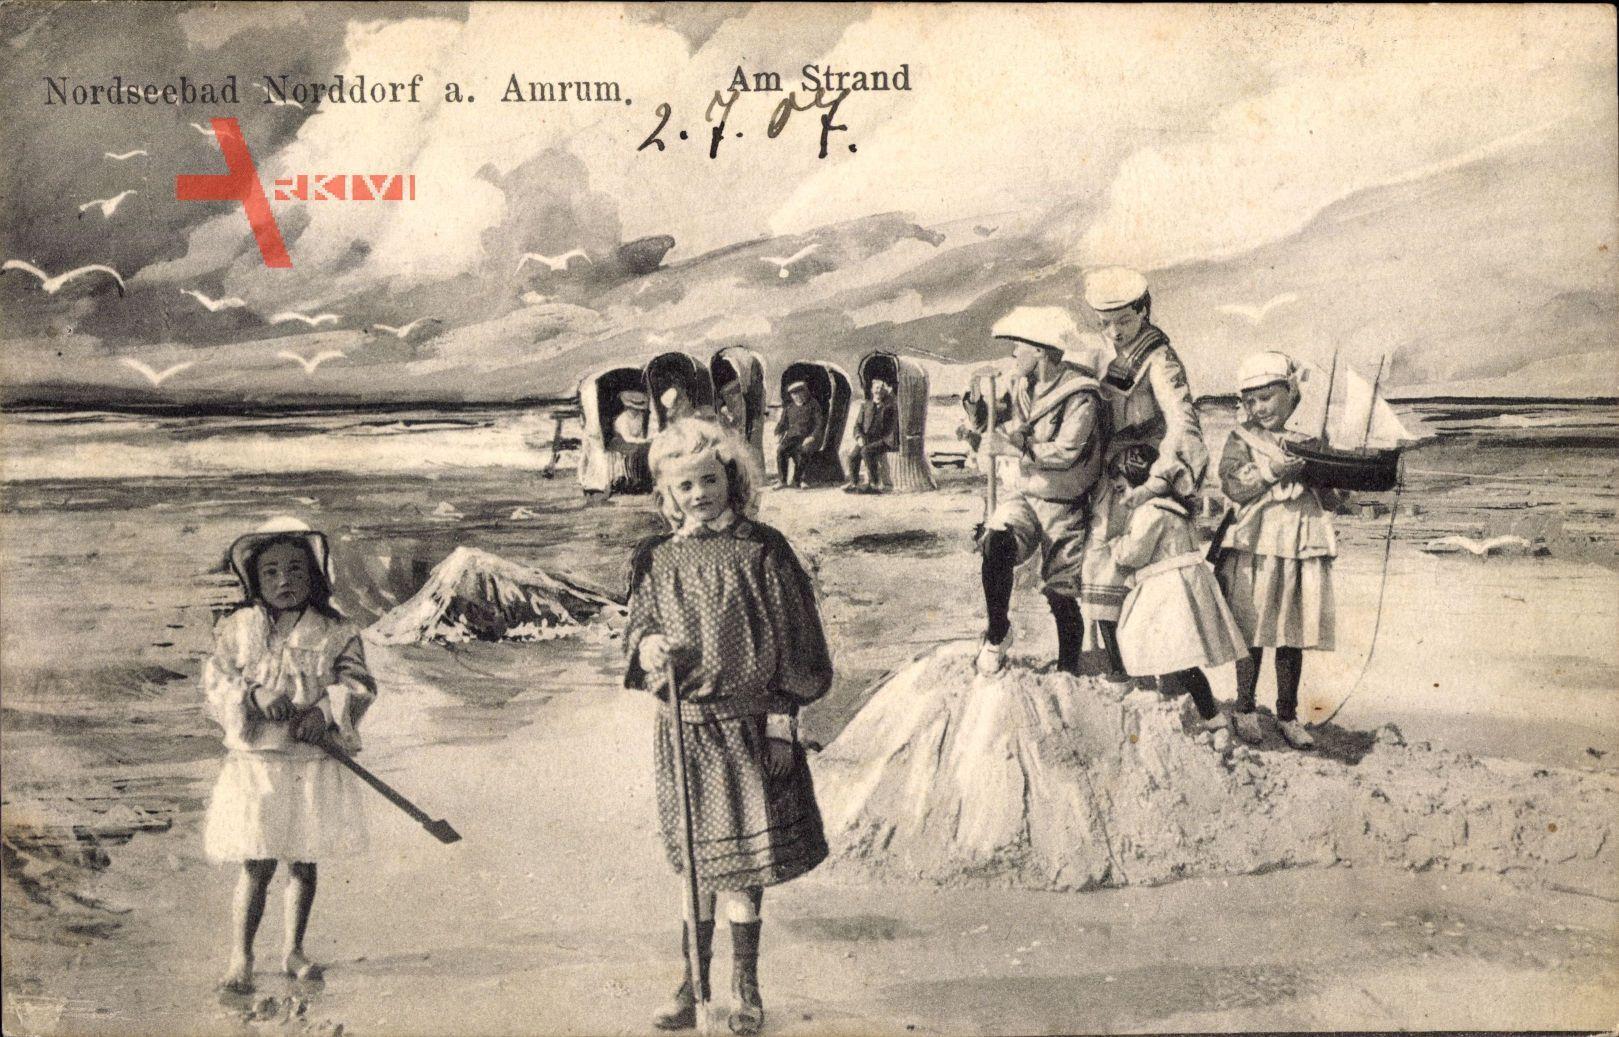 Norddorf auf Amrum, Partie am Strand, Nordsee, Kinder, Sandburg